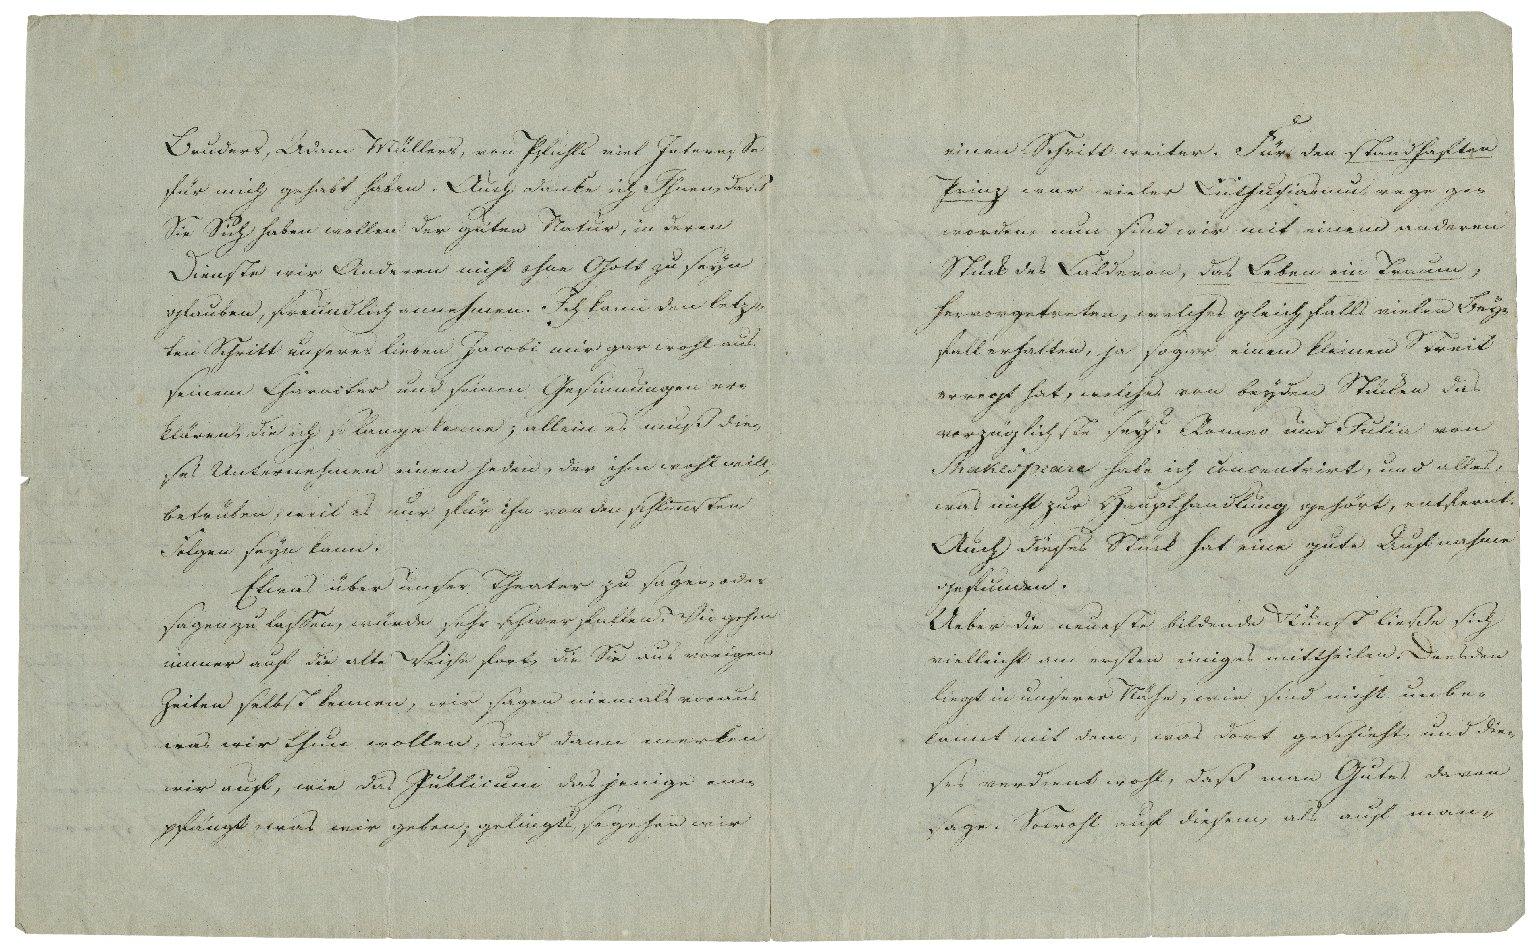 Letter signed from Johann Wolfgang von Goethe, Weimar, to Friedrich von Schlegel, editor and publisher of Deutches museum, Vienna [manuscript], 1812 April 8.